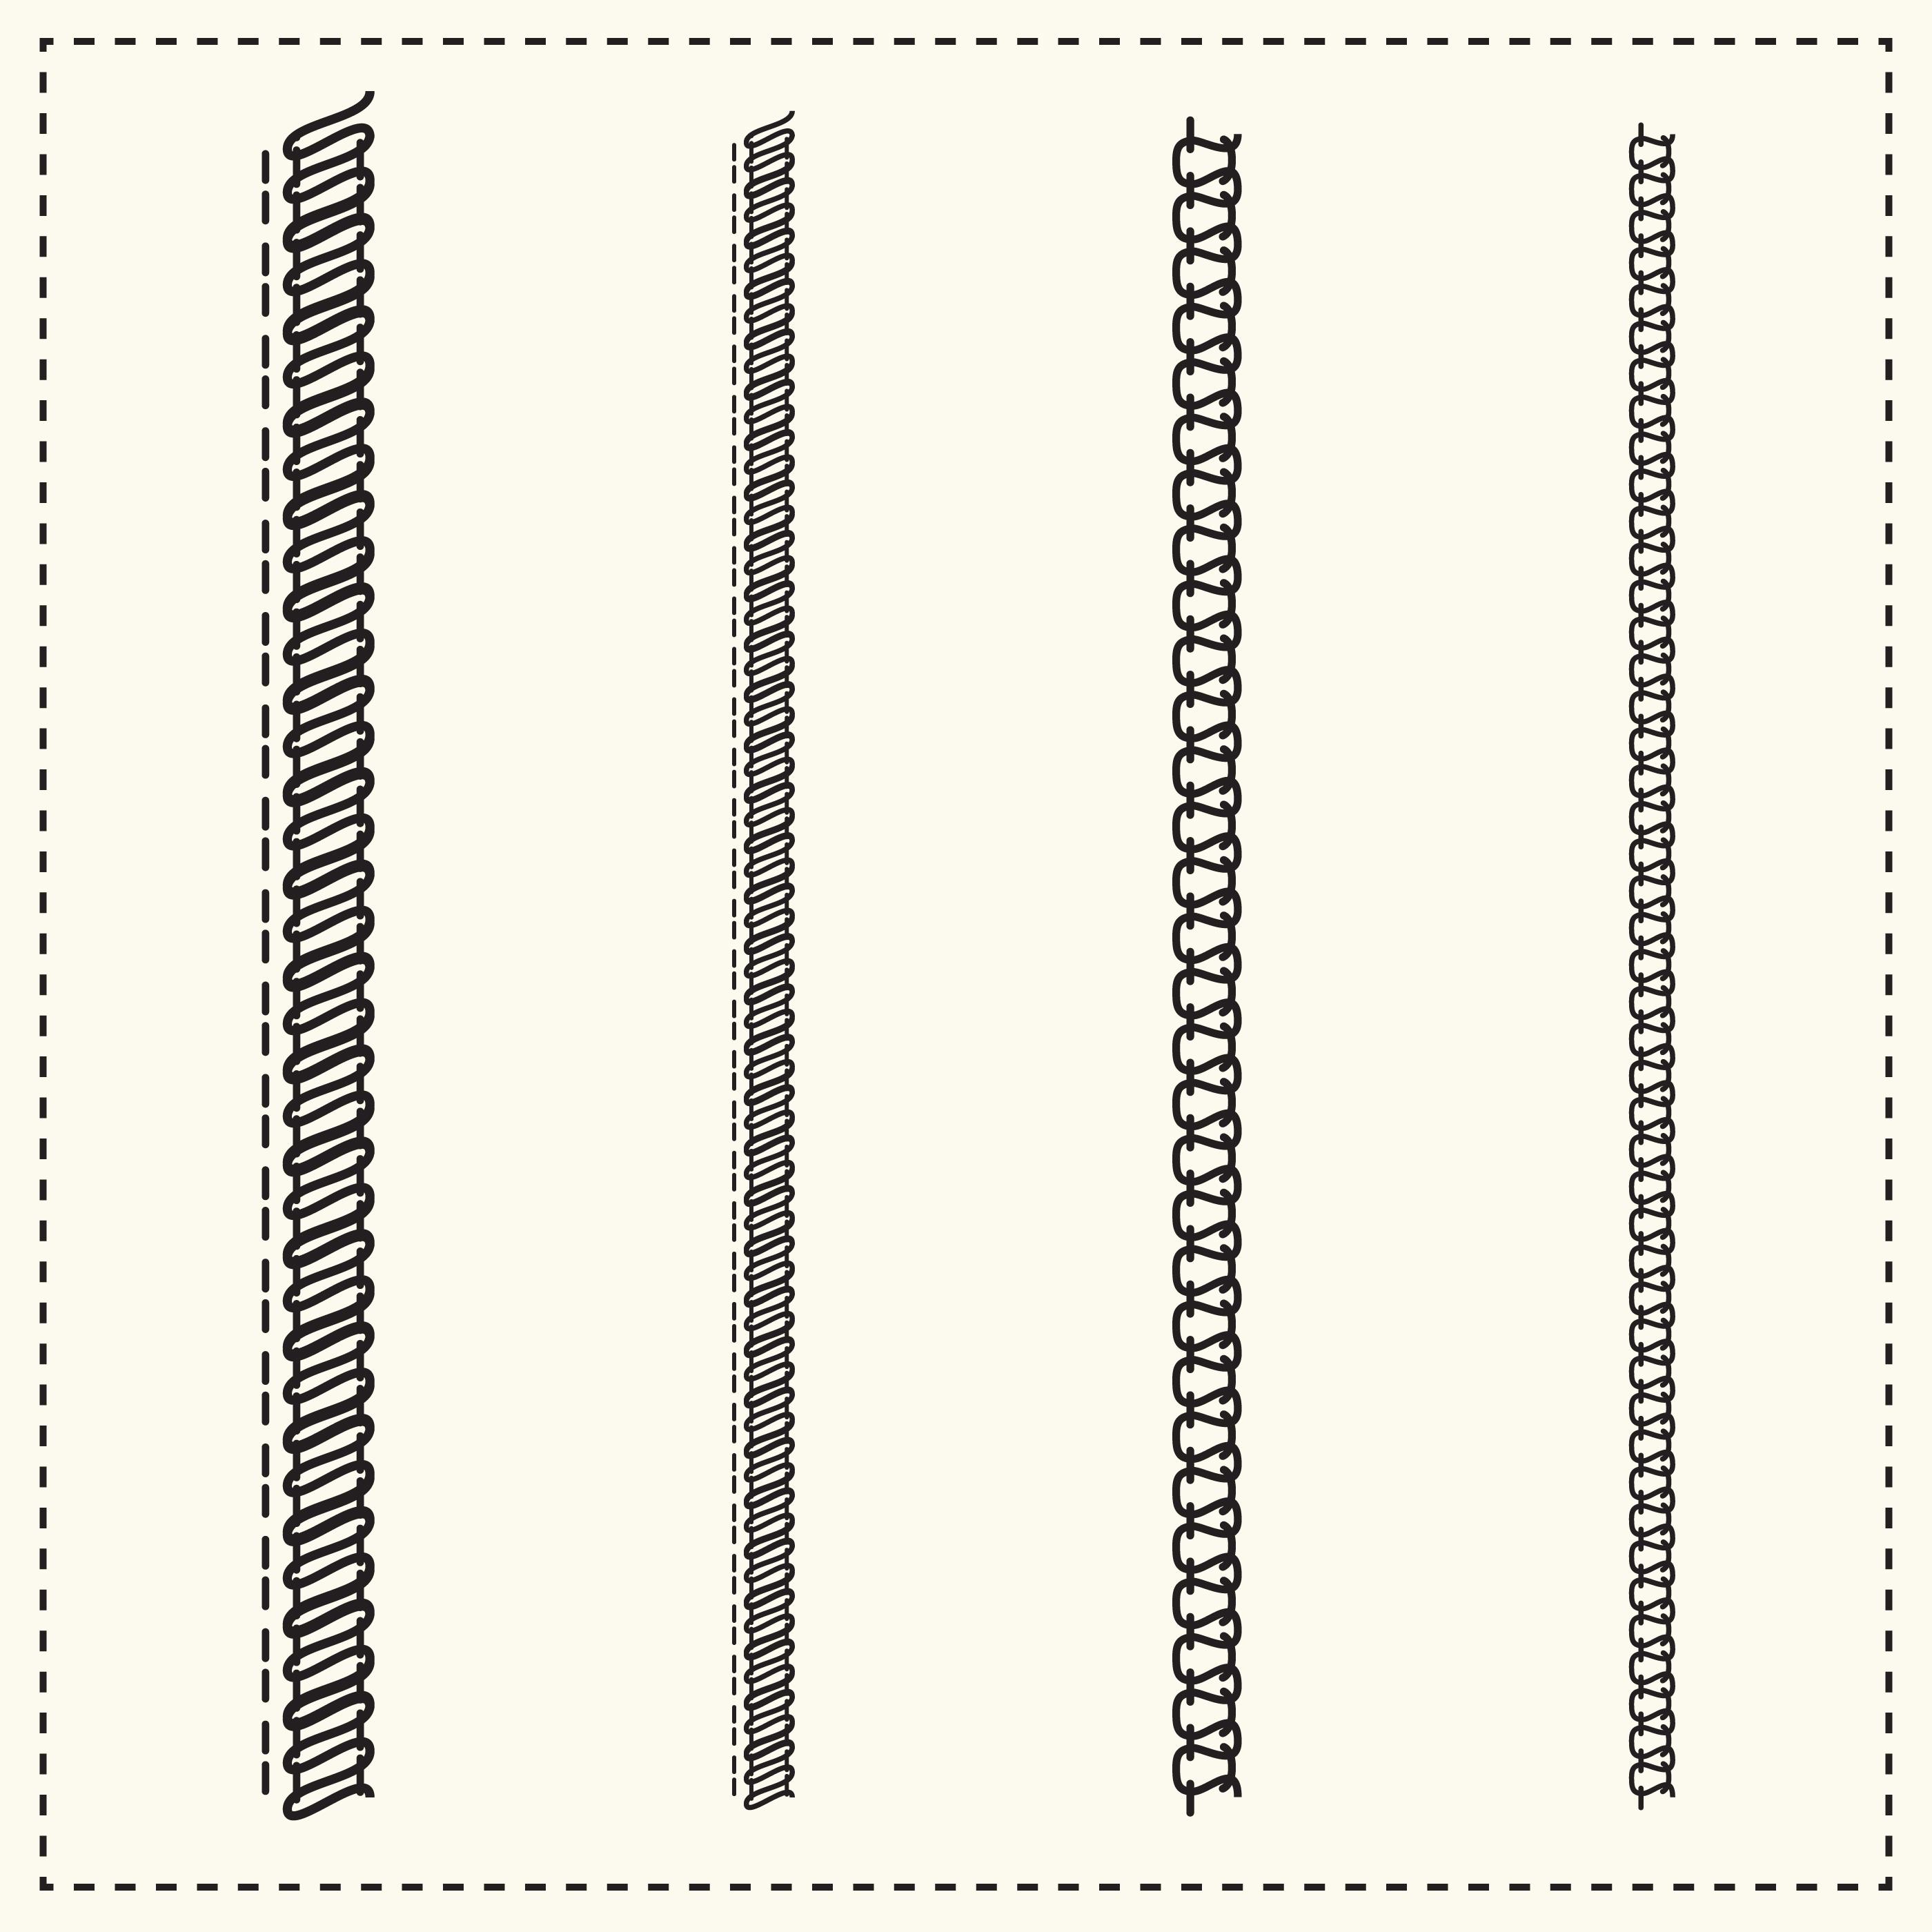 overlock puntadas vectores - Descargue Gráficos y Vectores Gratis